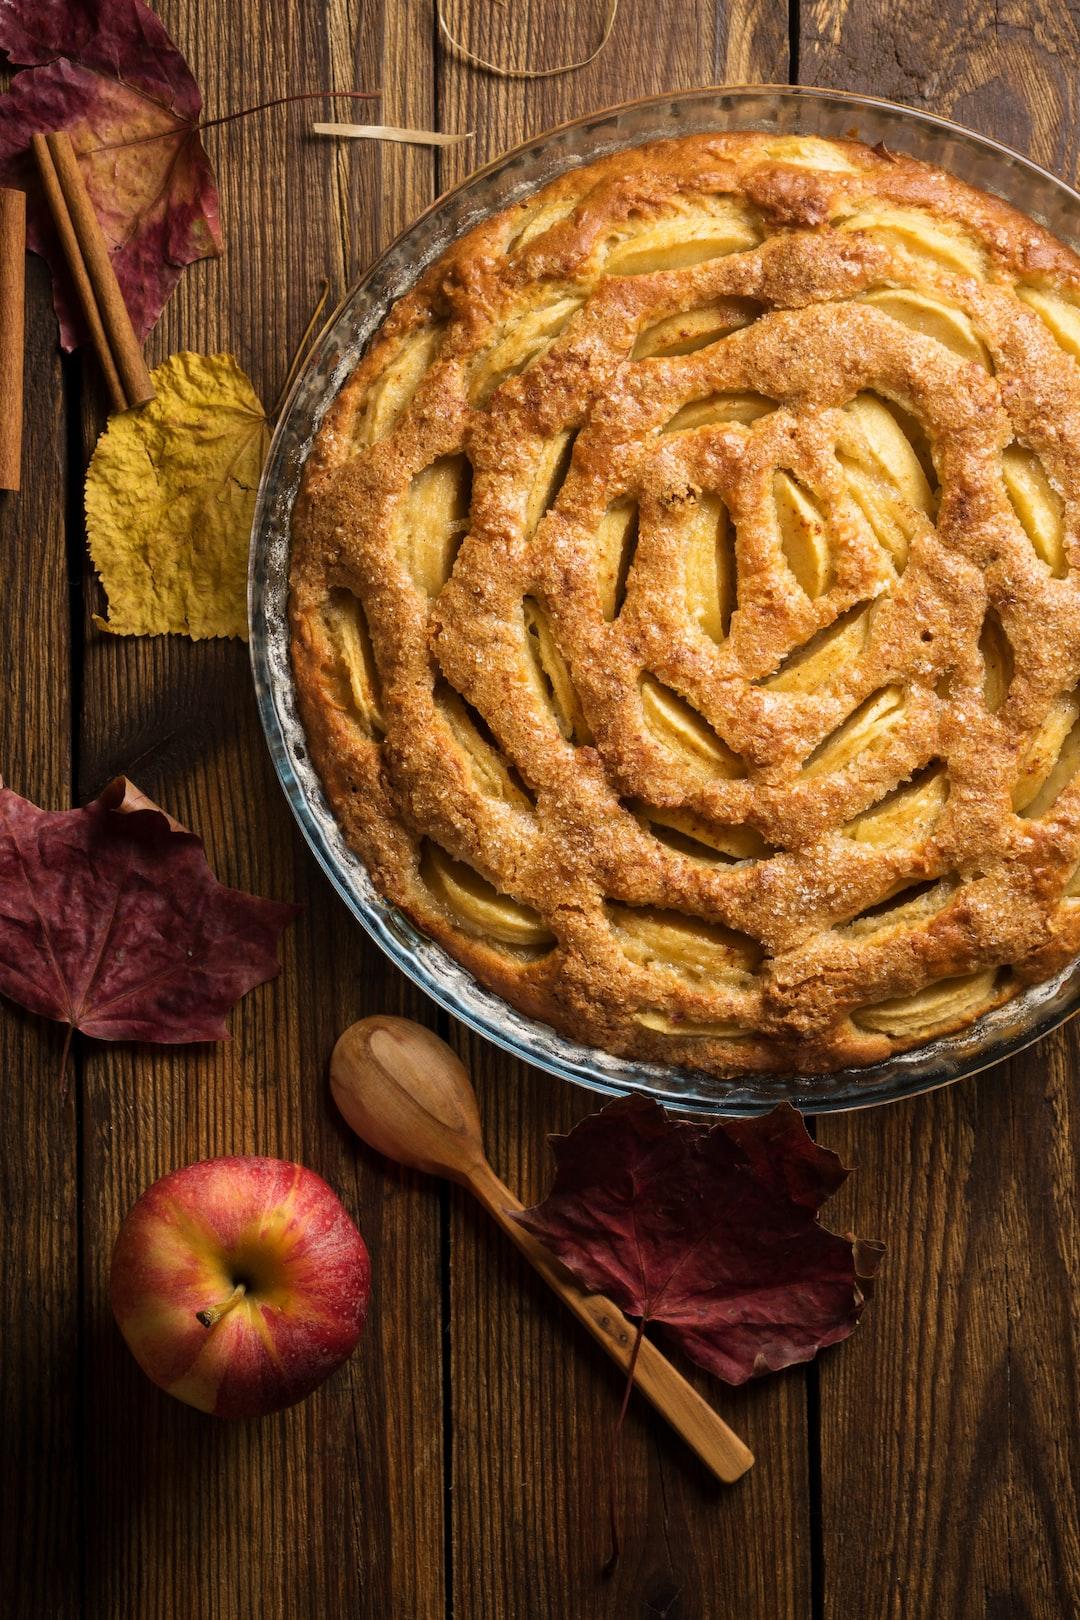 Apple pie on wooden background